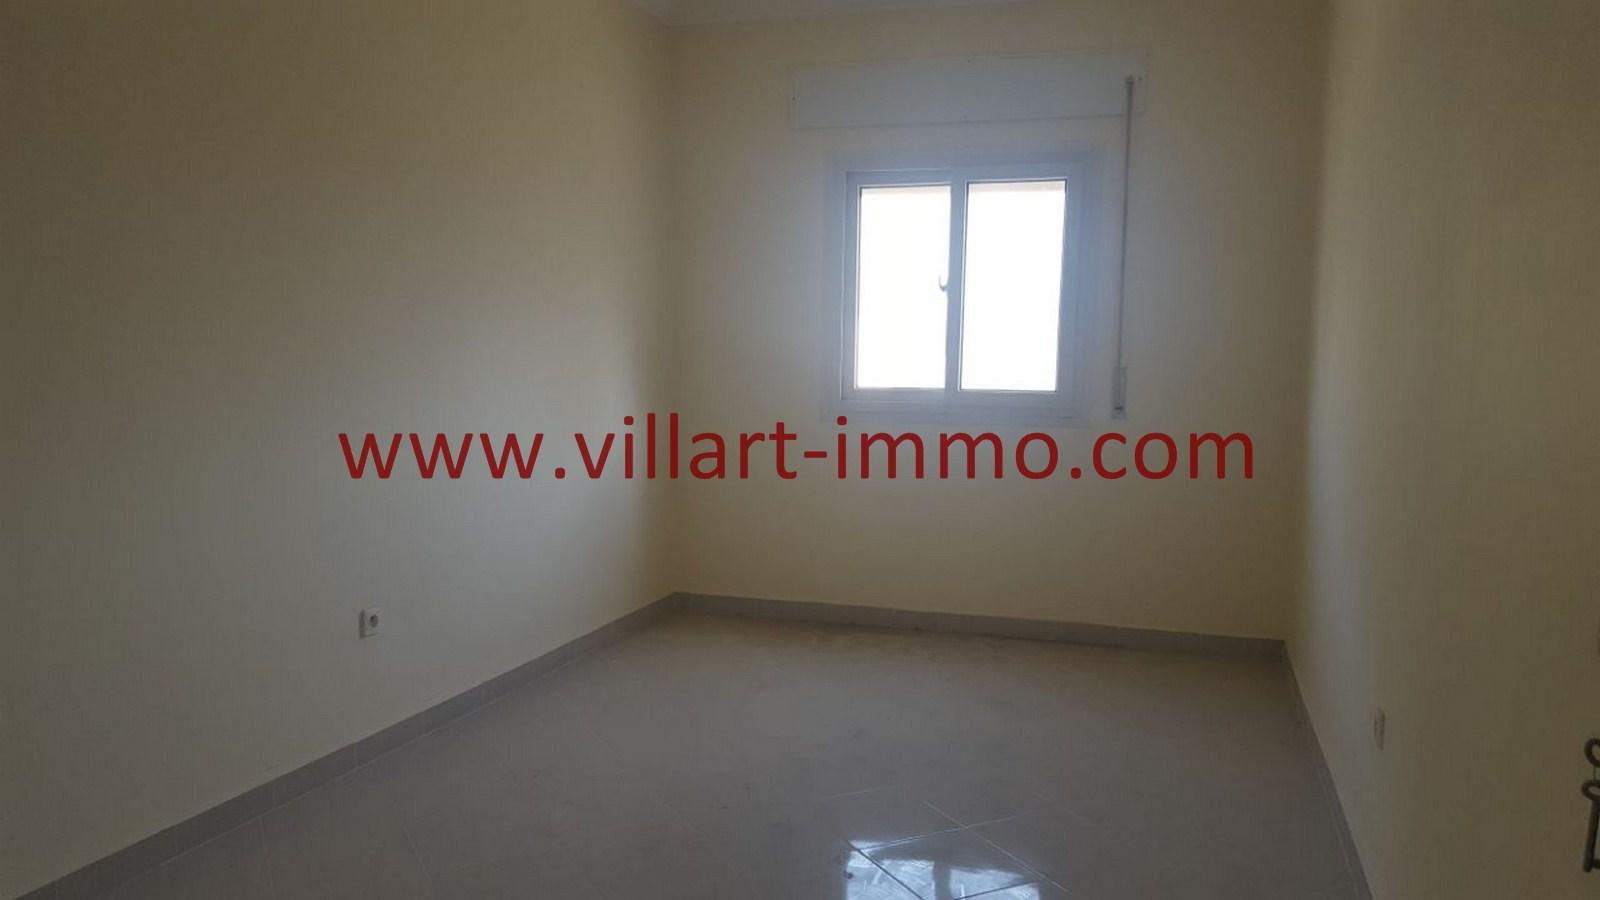 2-Vente-Appartement-Tanger-Mojahidine -Chambre 1-VA485-Villart Immo